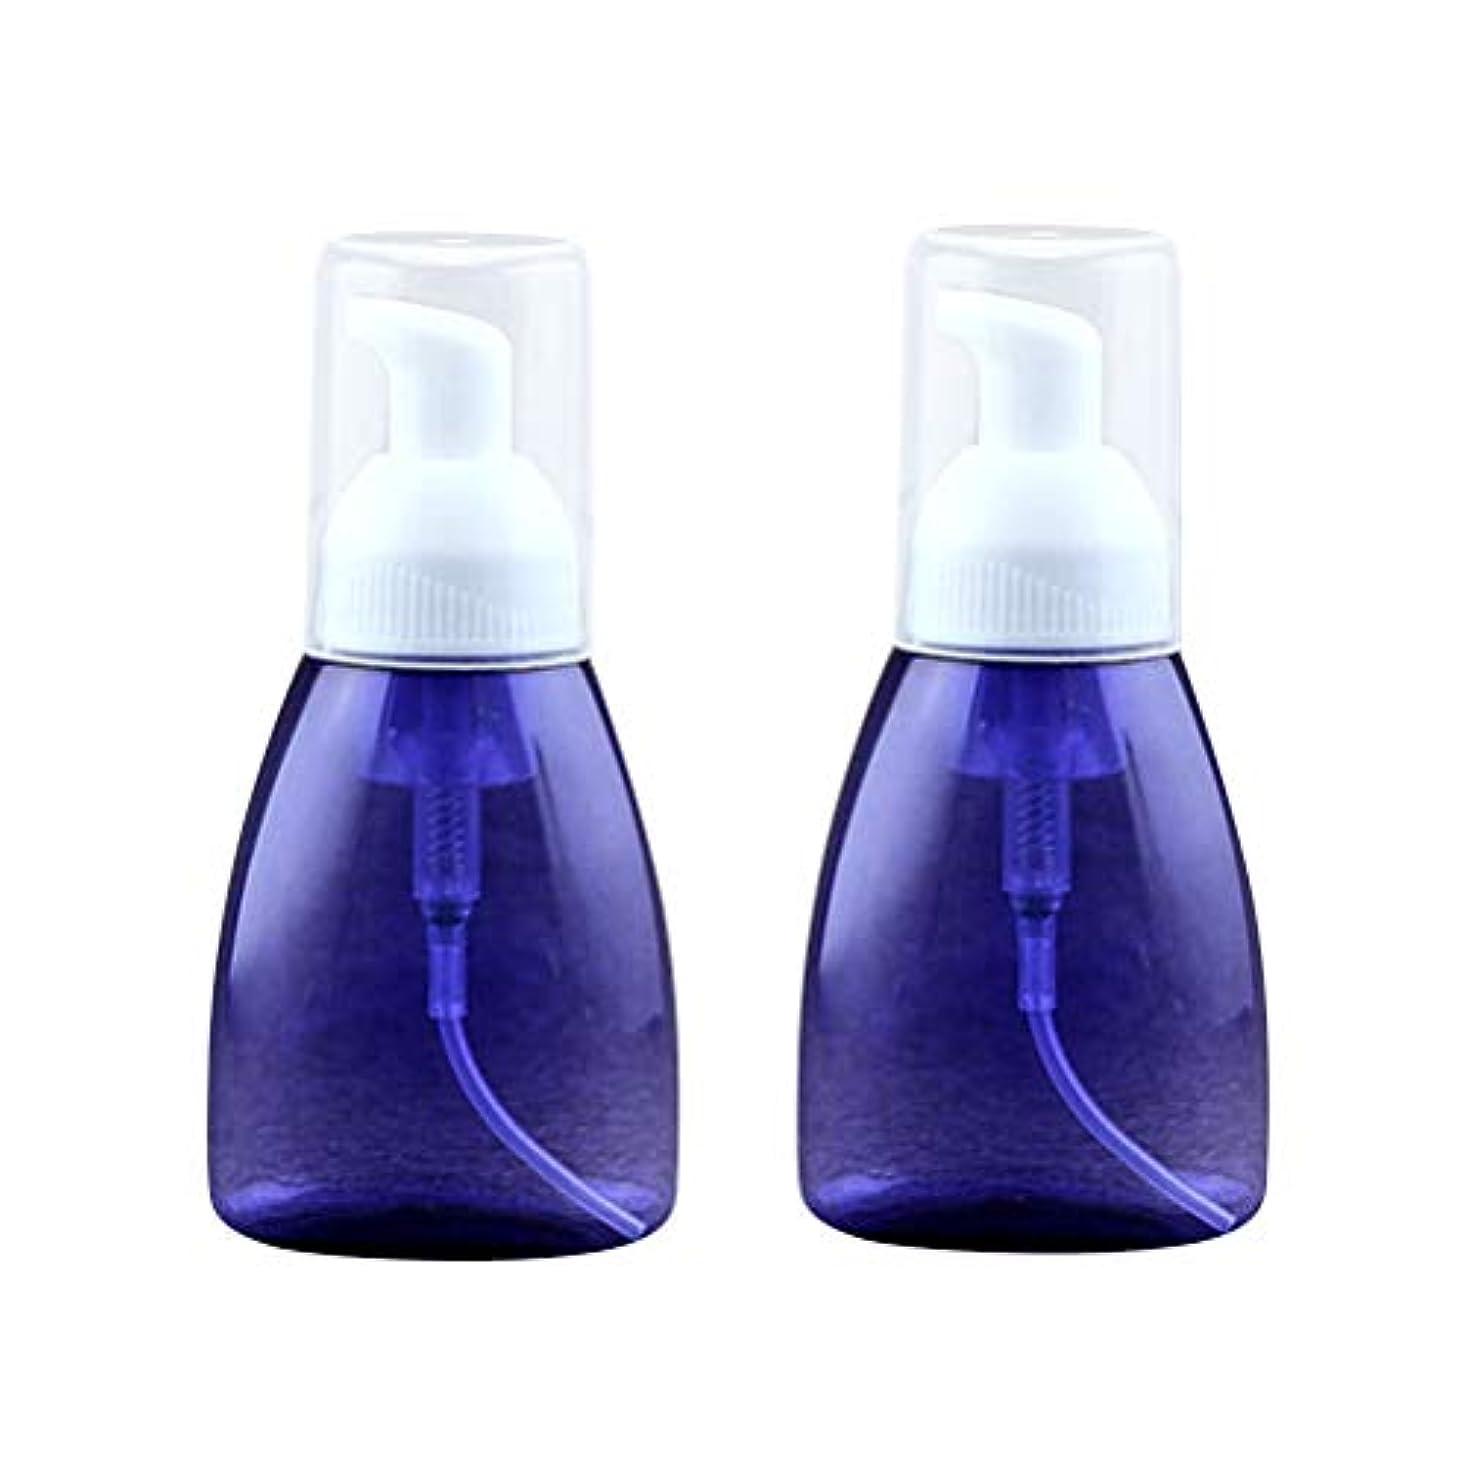 守るスポーツマン単語SUPVOX 2本発泡ソープディスペンサー詰め替え式プラスチックローションボトル泡ハンドポンプ空のボトル容器クリアトラベルトイレタリーボトル用液体シャンプー80ml(ブルー)